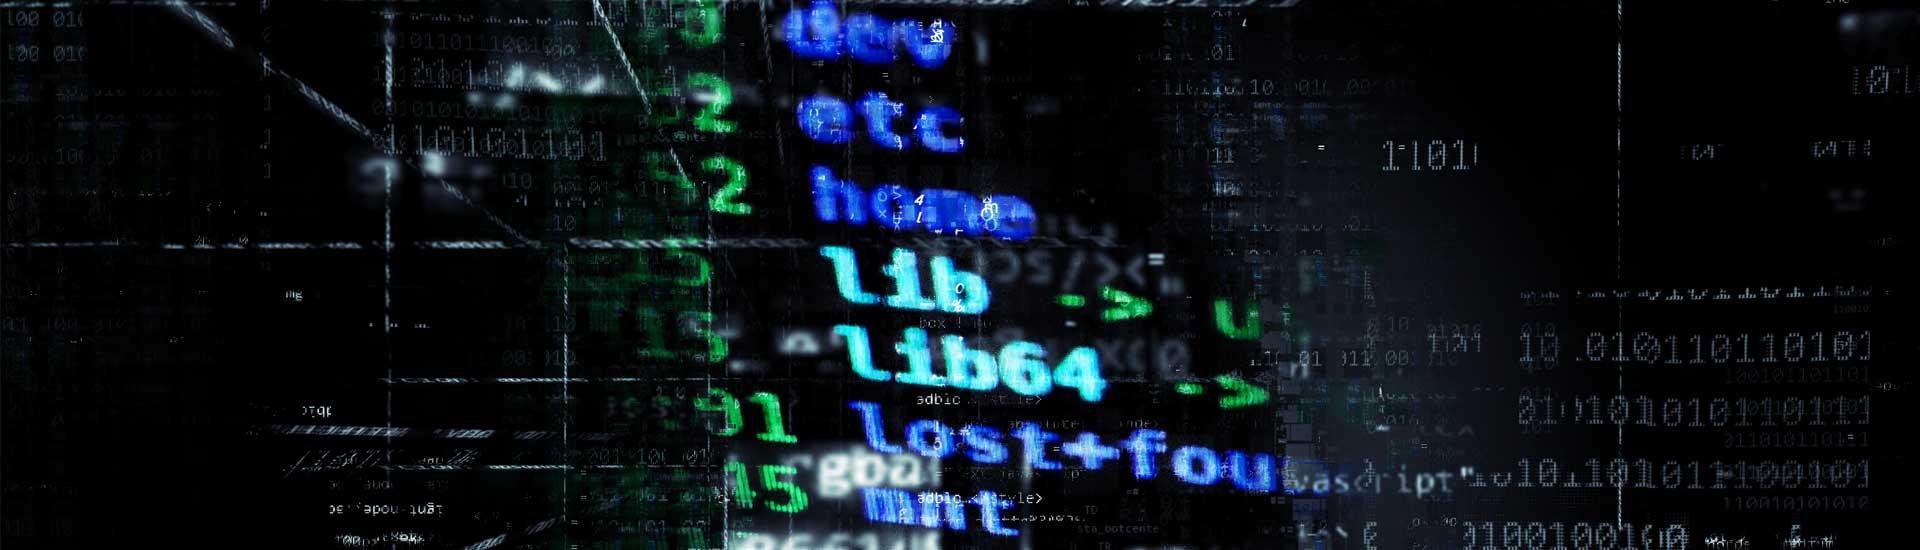 Siber Olay Müdahalesi ve İnceleme (Adli Bilişim)